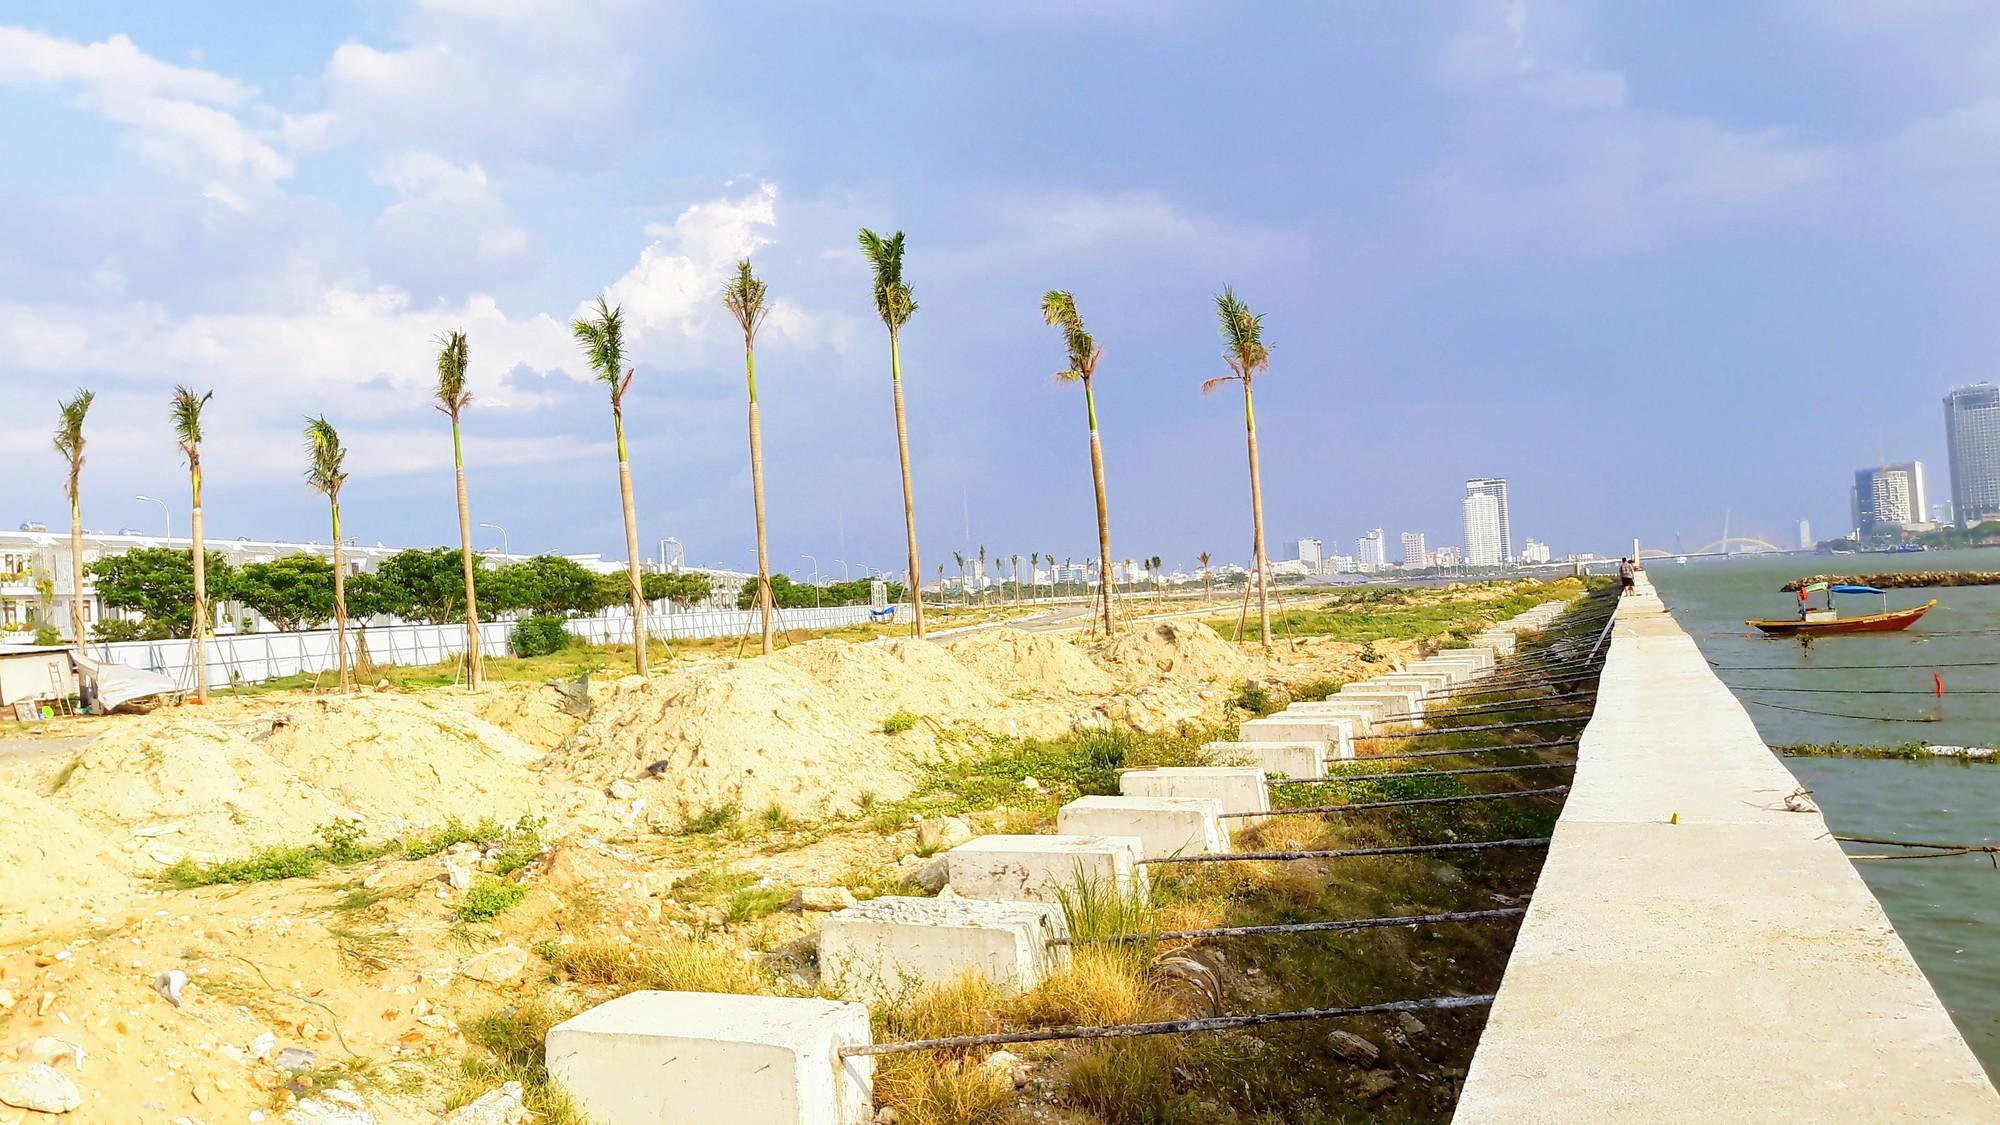 Chủ đầu tư hai dự án bất động sản lấn sông Hàn thống nhất dành khu ven sông làm công viên, lối đi bộ - Ảnh 3.